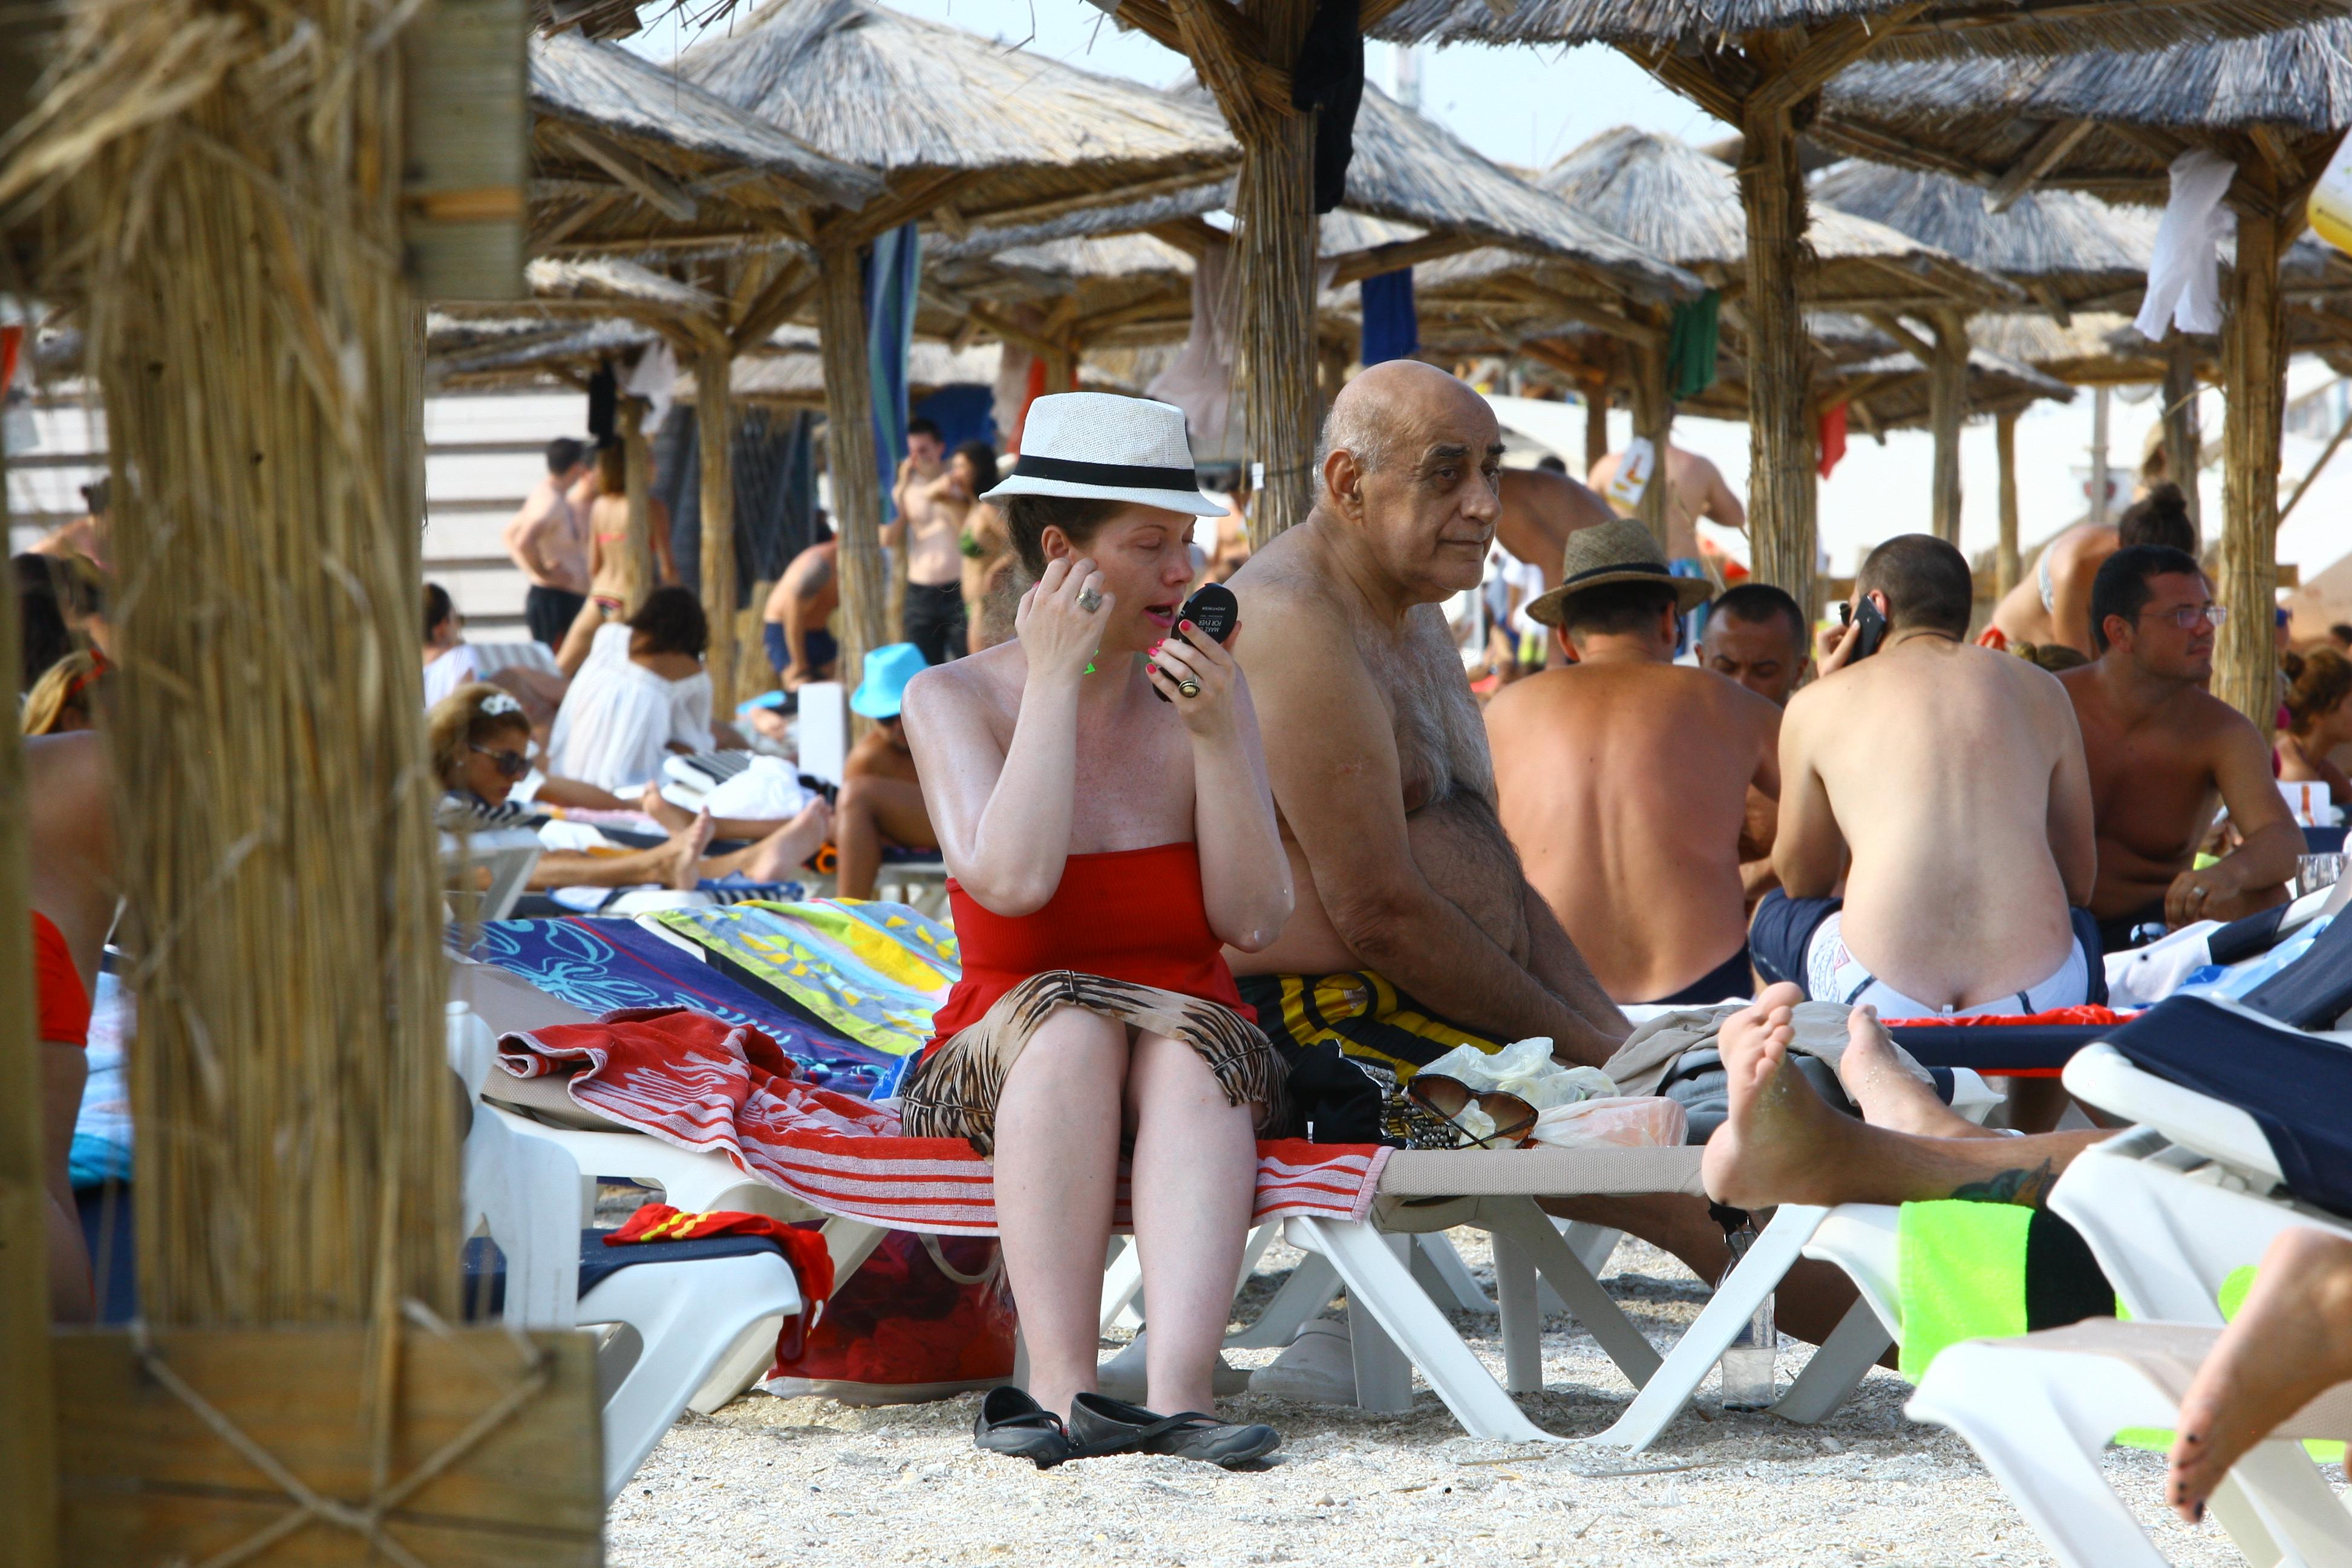 Oana nu se dezbraca in costum de baie, insa foloseste creme cu protectie solara